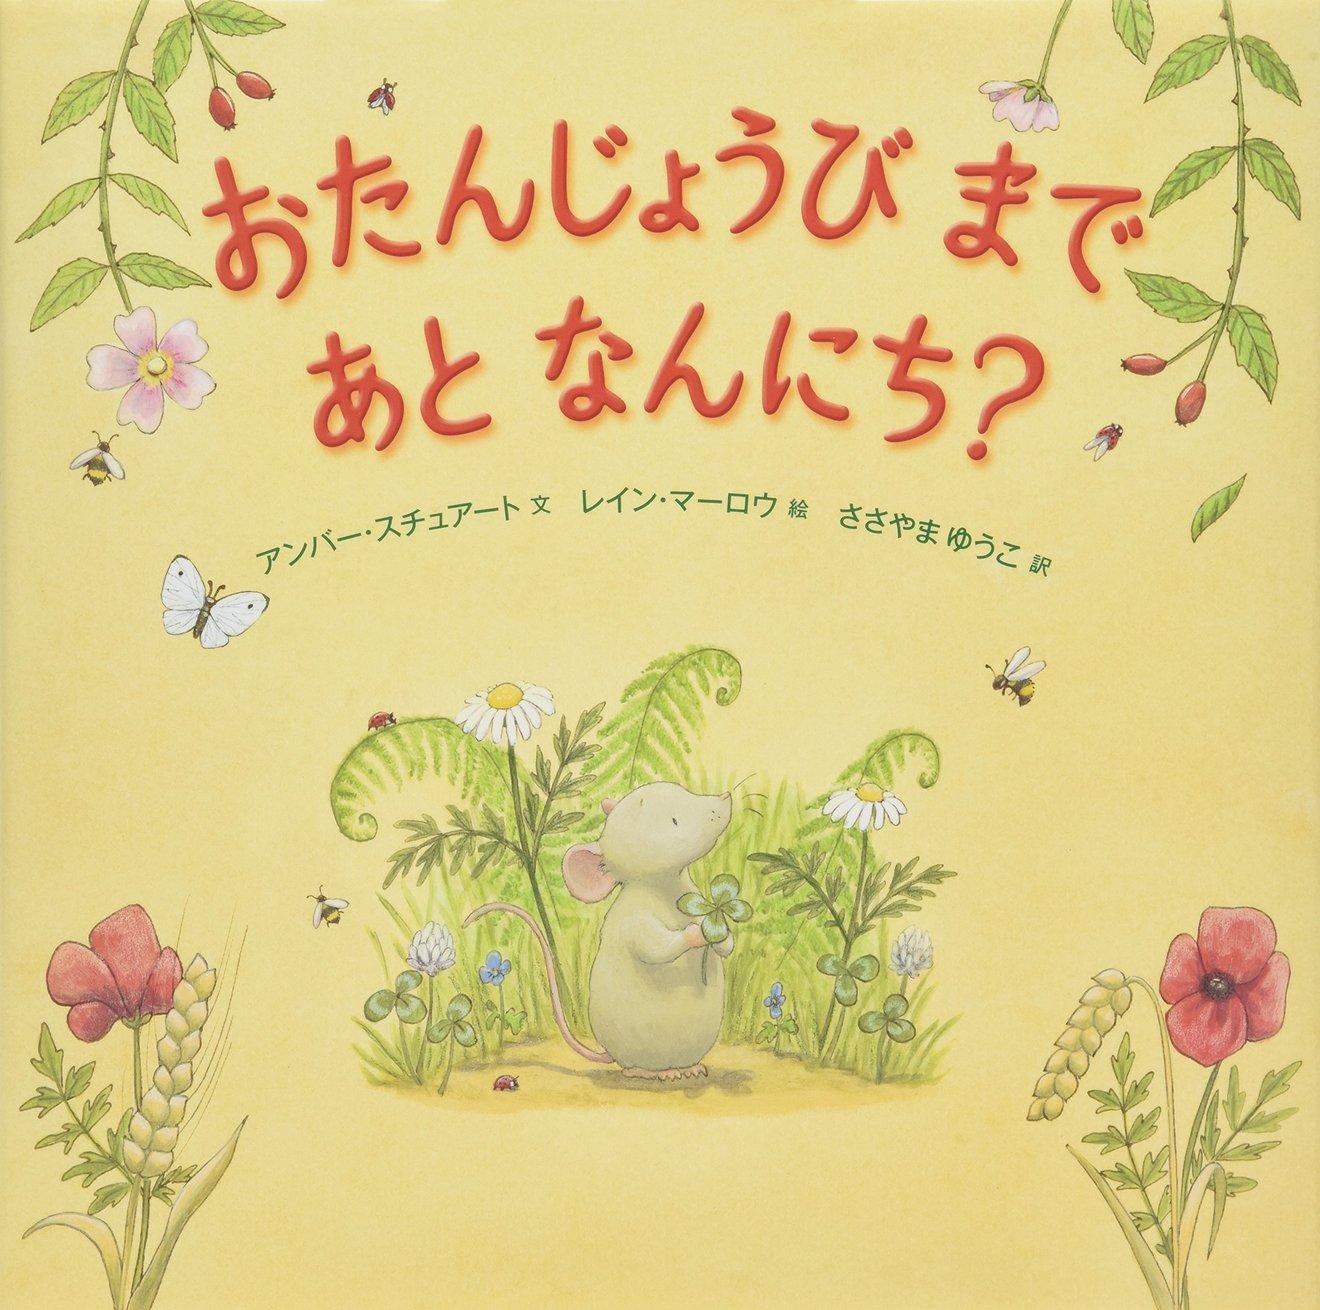 誕生日のストーリーがテーマの絵本おすすめ5選!